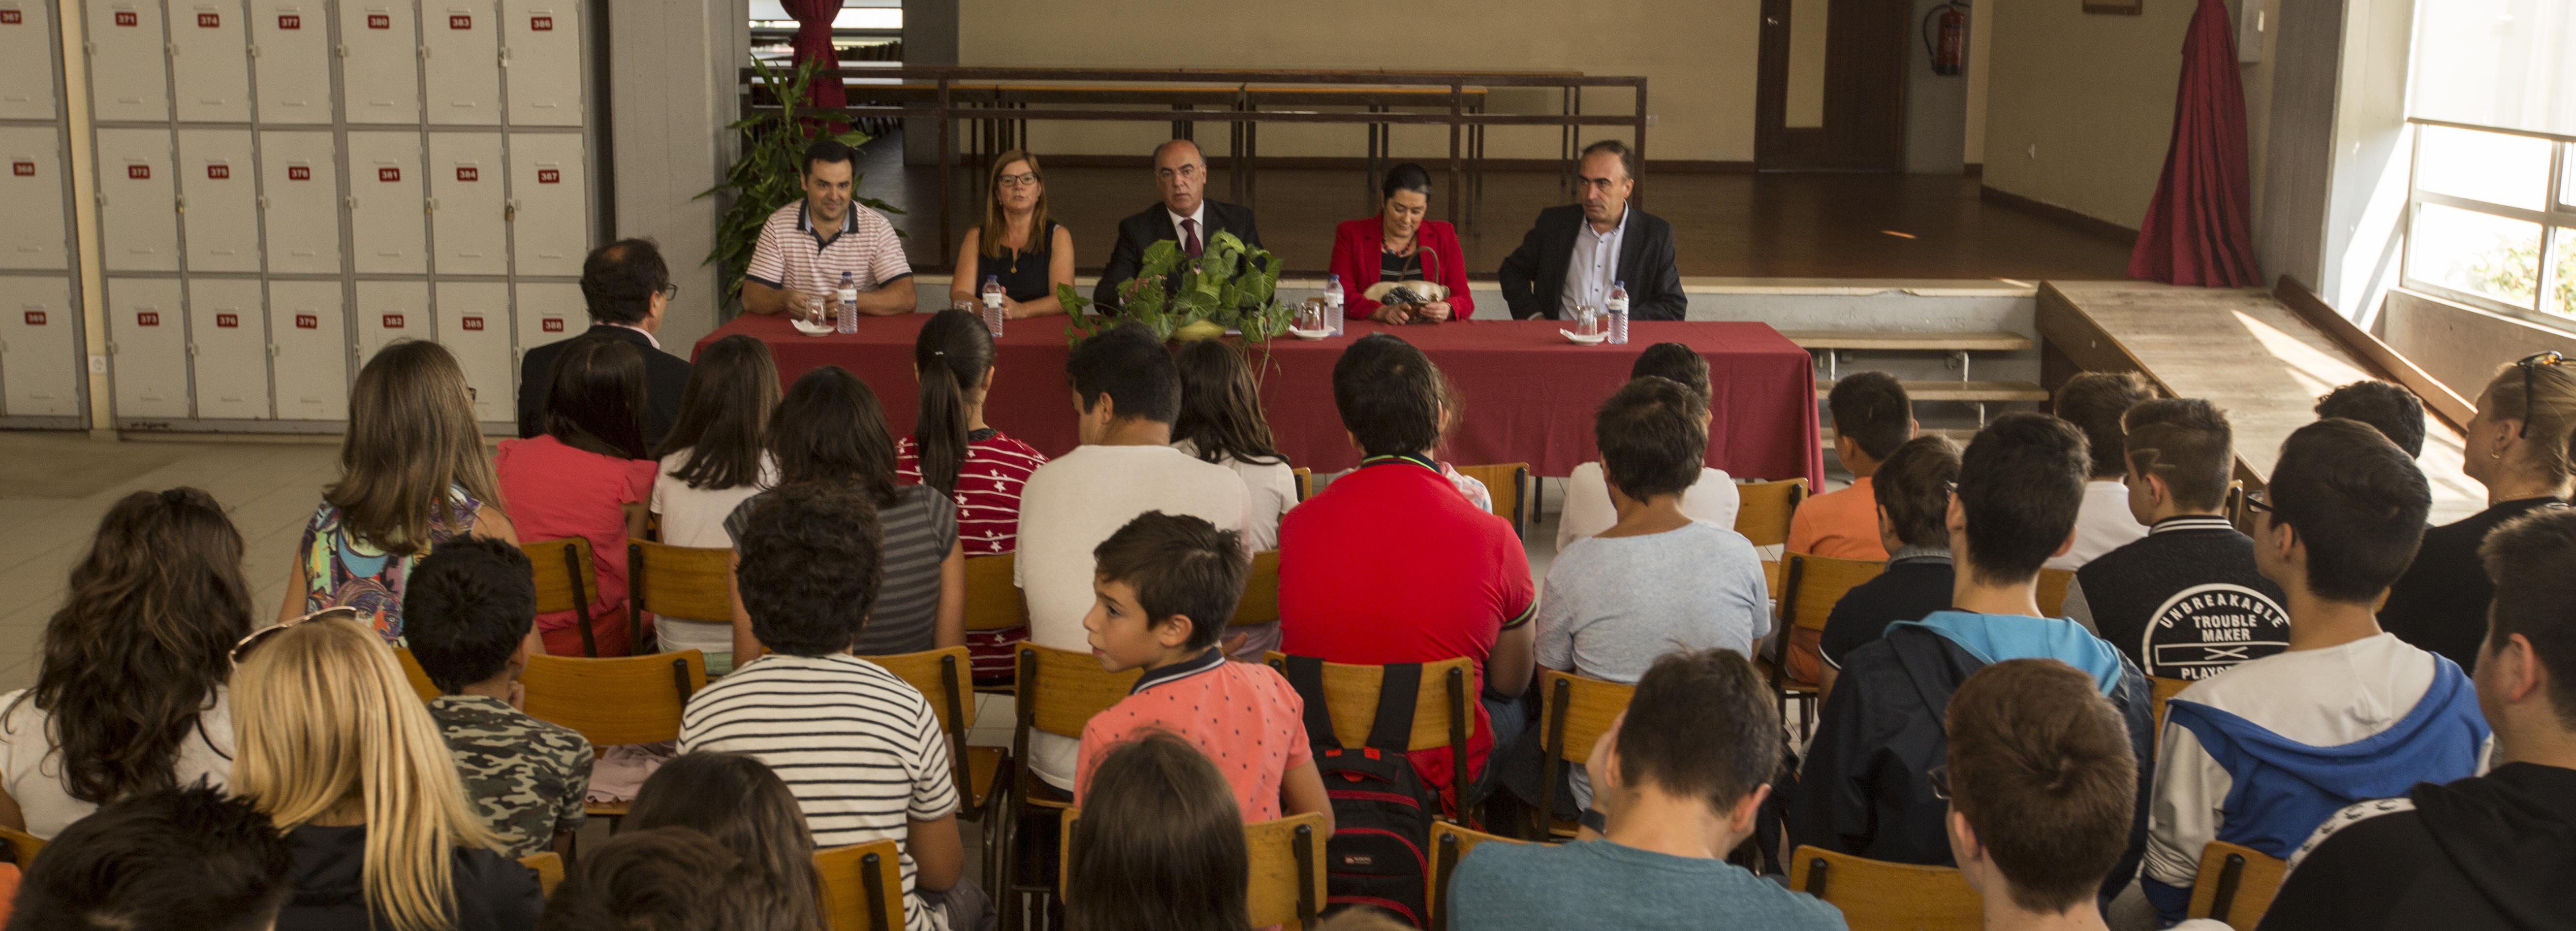 Presidente da Câmara presente no arranque do ano letivo na Escola Rosa Ramalho